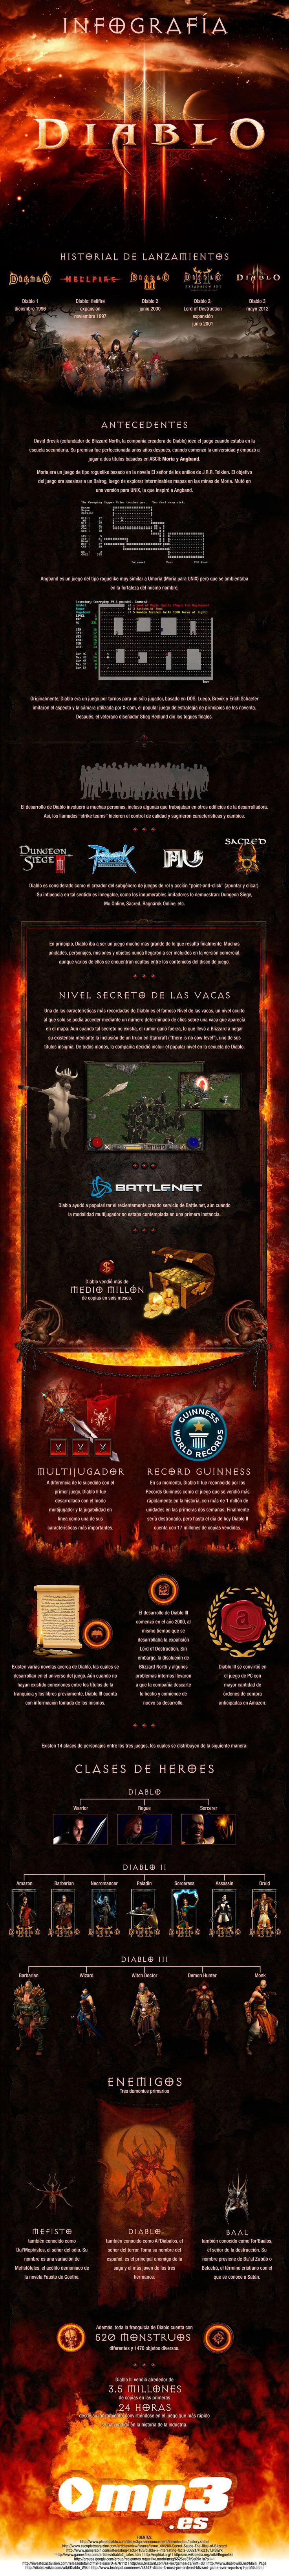 """Te presentamos un increíble recorrido del clásico juego de Blizzard: """"Diablo"""". La última entrega de la saga, Diablo 3, llegó desde hace muy poco a la pantalla de sus seguidores y ha provocado furor. Si aún no conoces la propuesta, te invitamos a disfrutar de una de las franquicias más espectaculares de los videojuegos."""